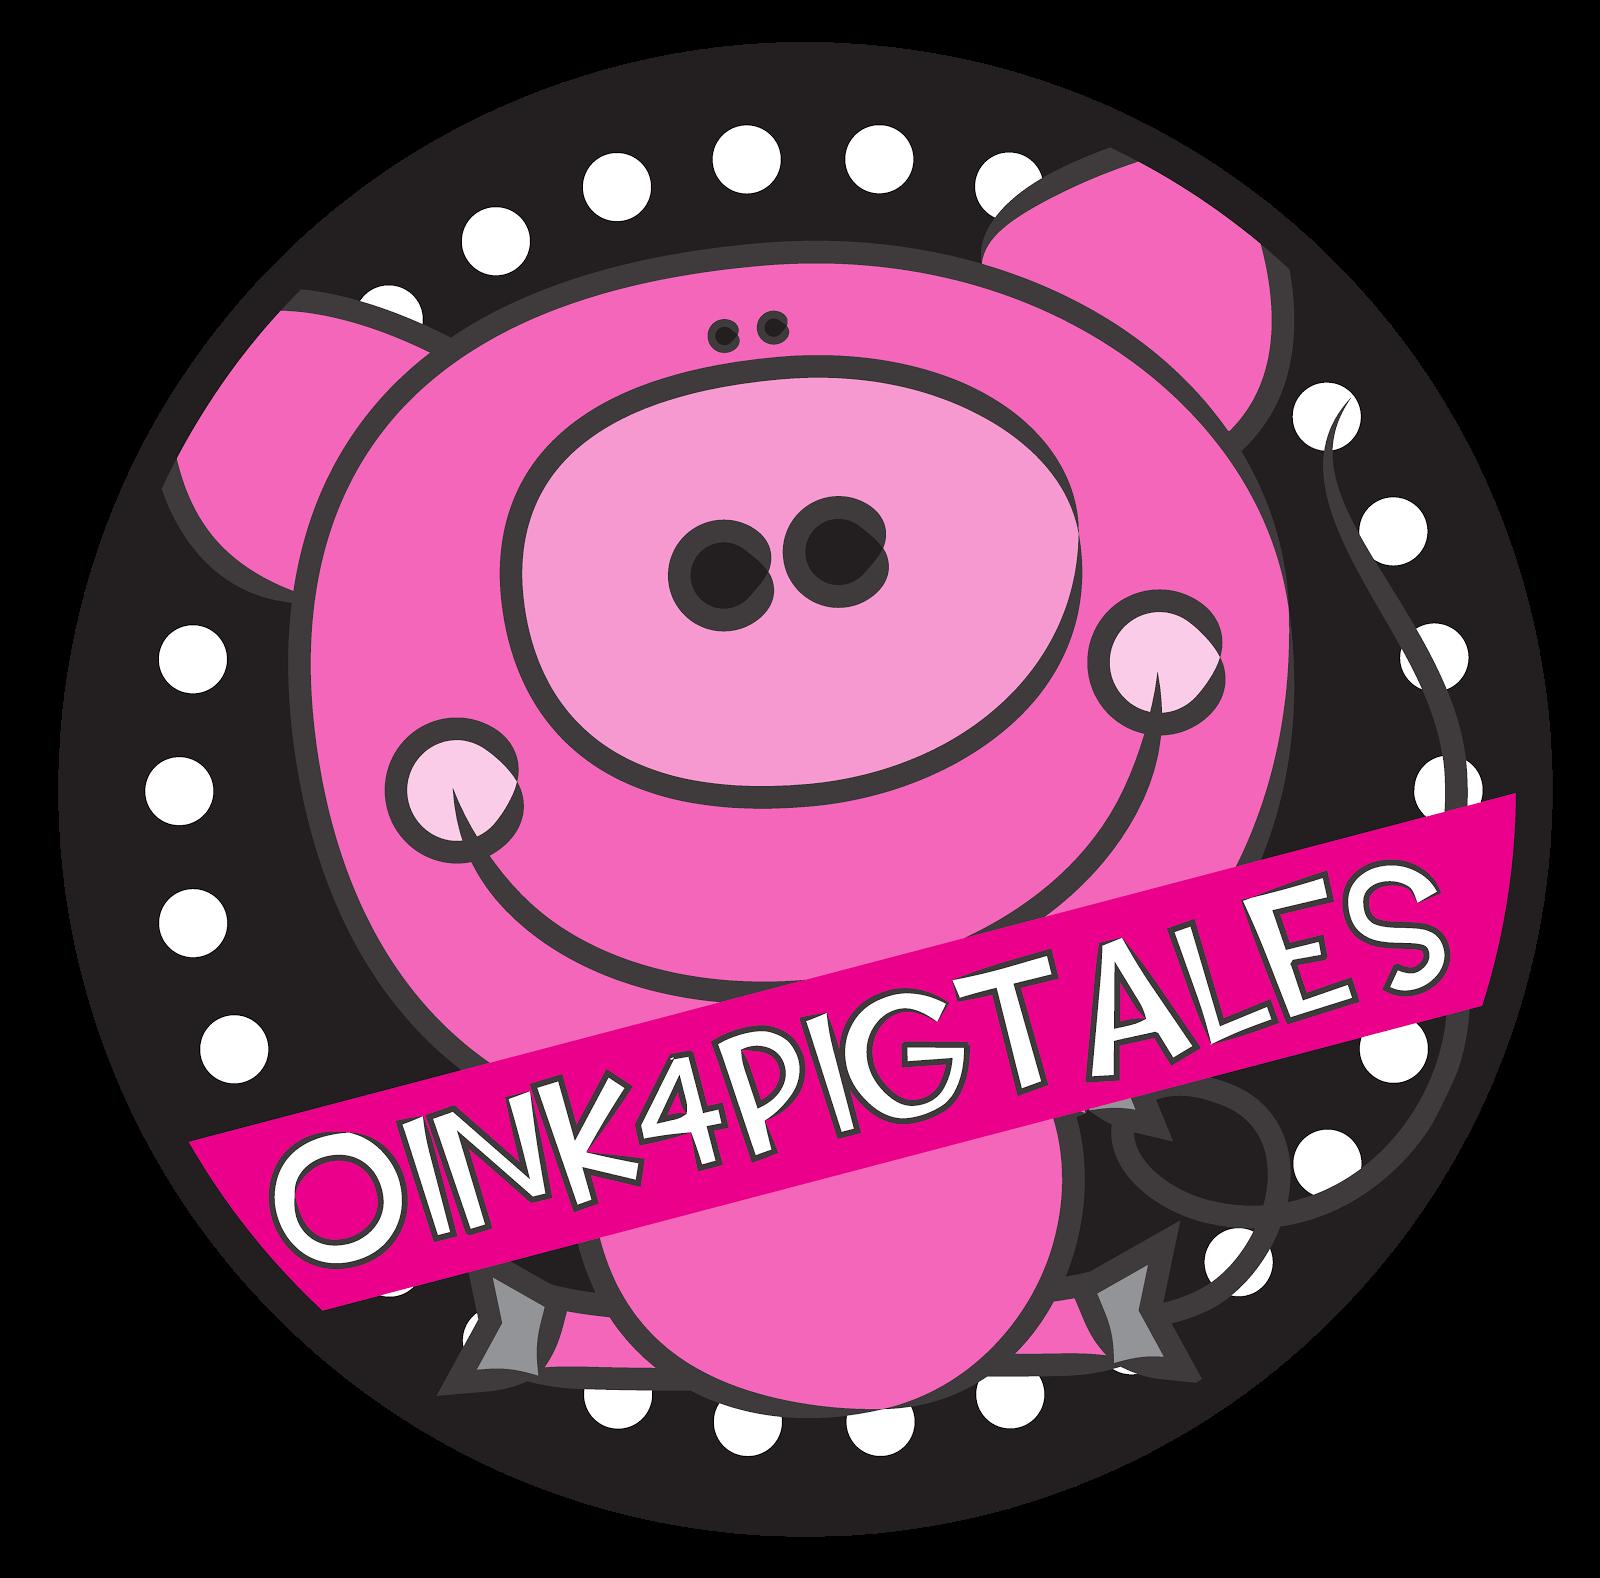 fromoink4pigtalesblog